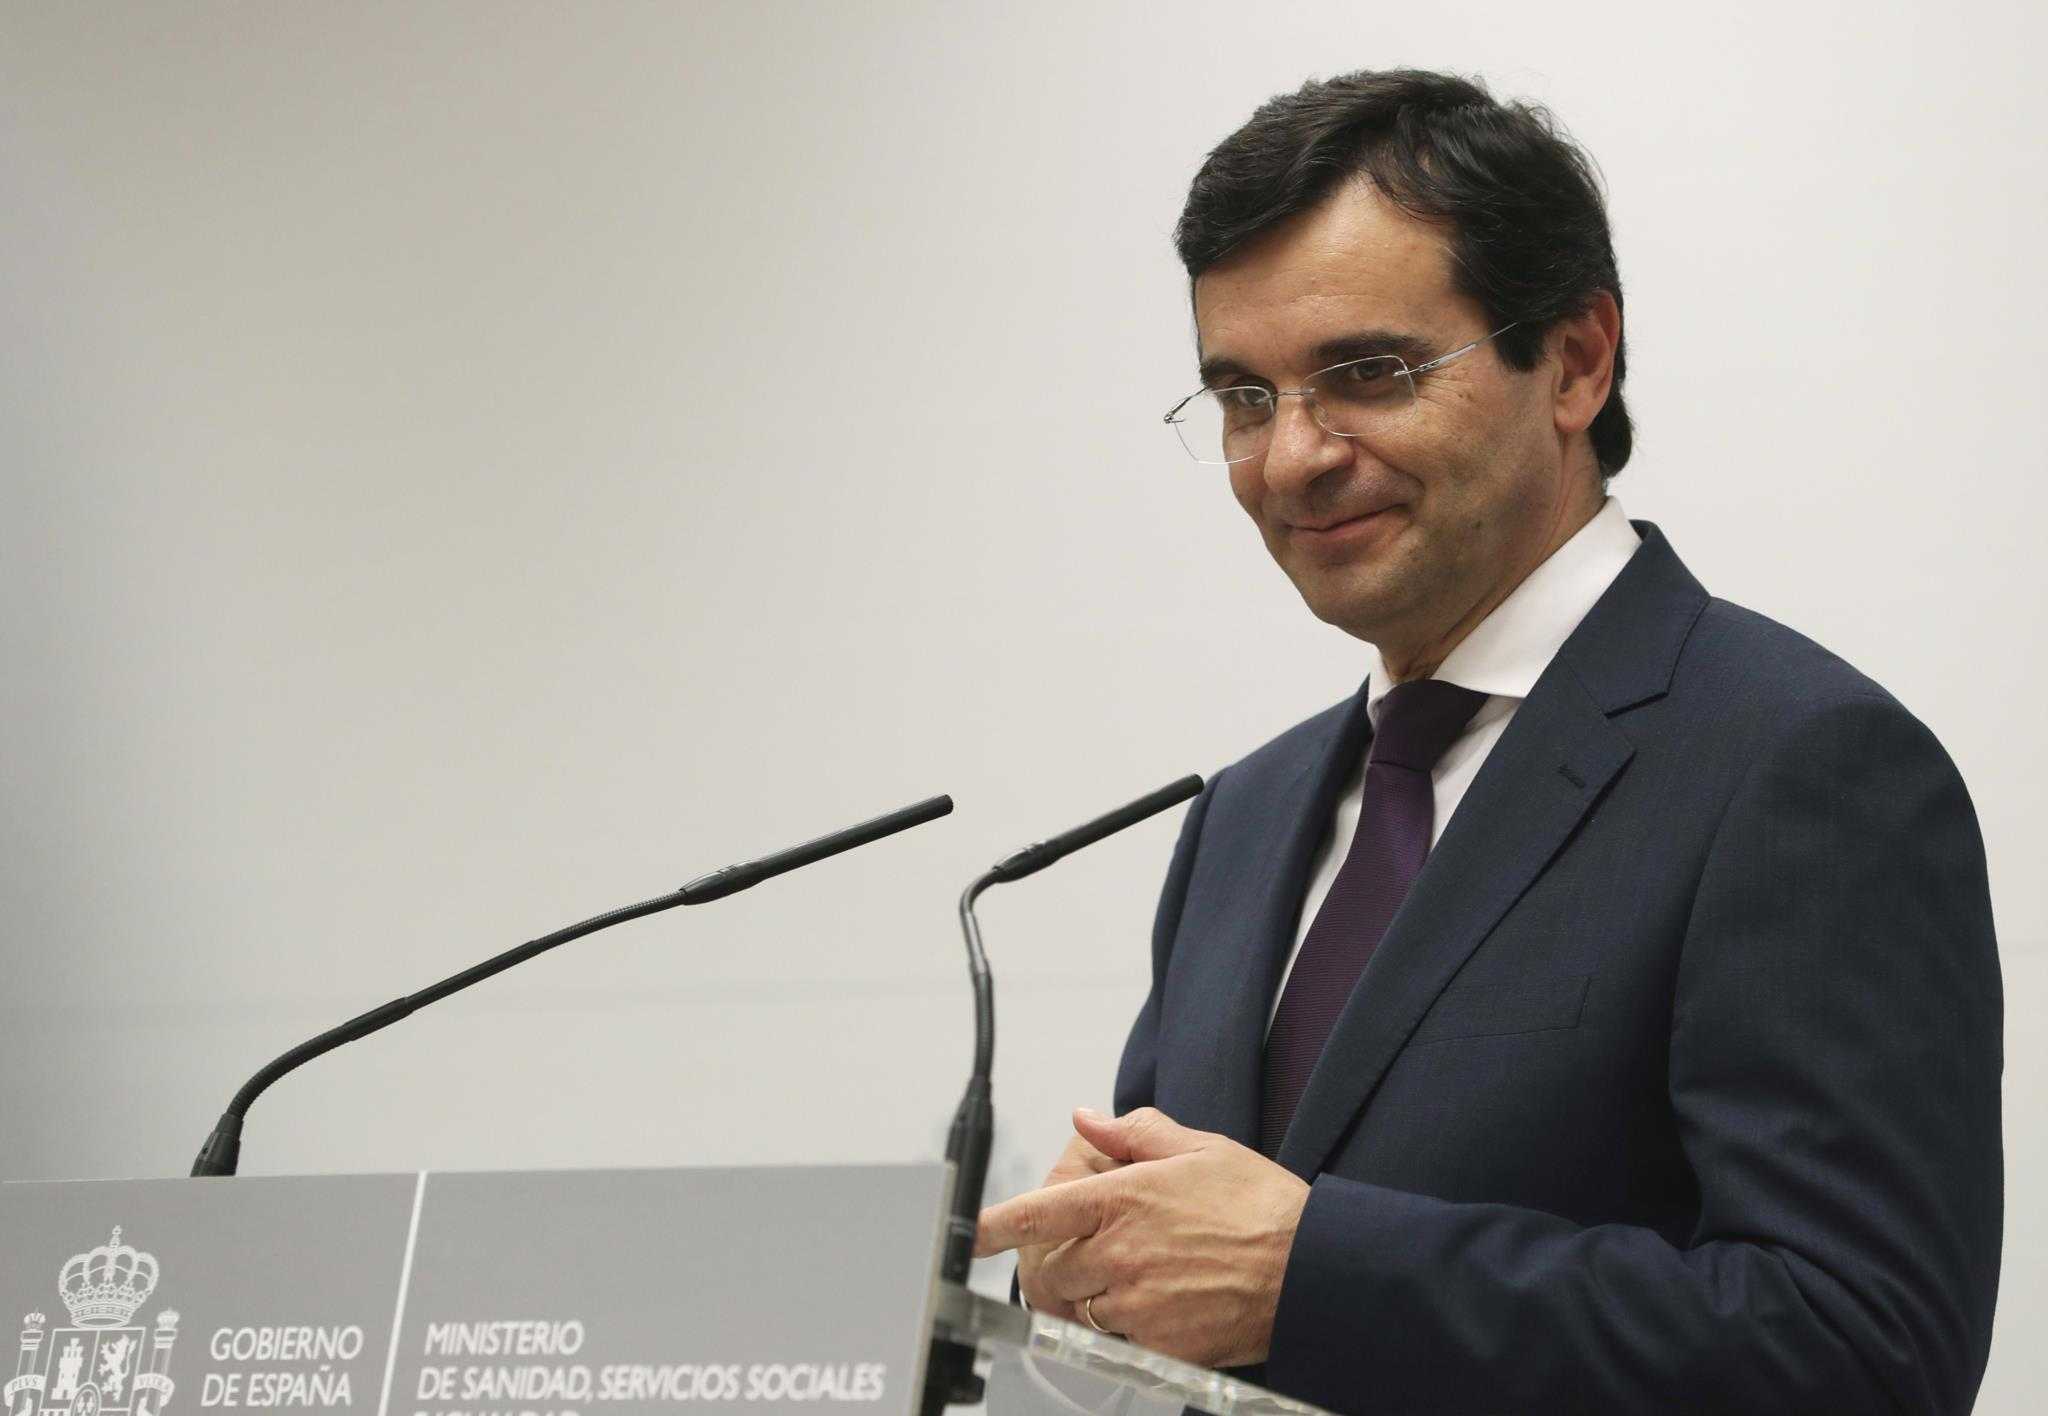 PÚBLICO - Tiago Barbosa Ribeiro